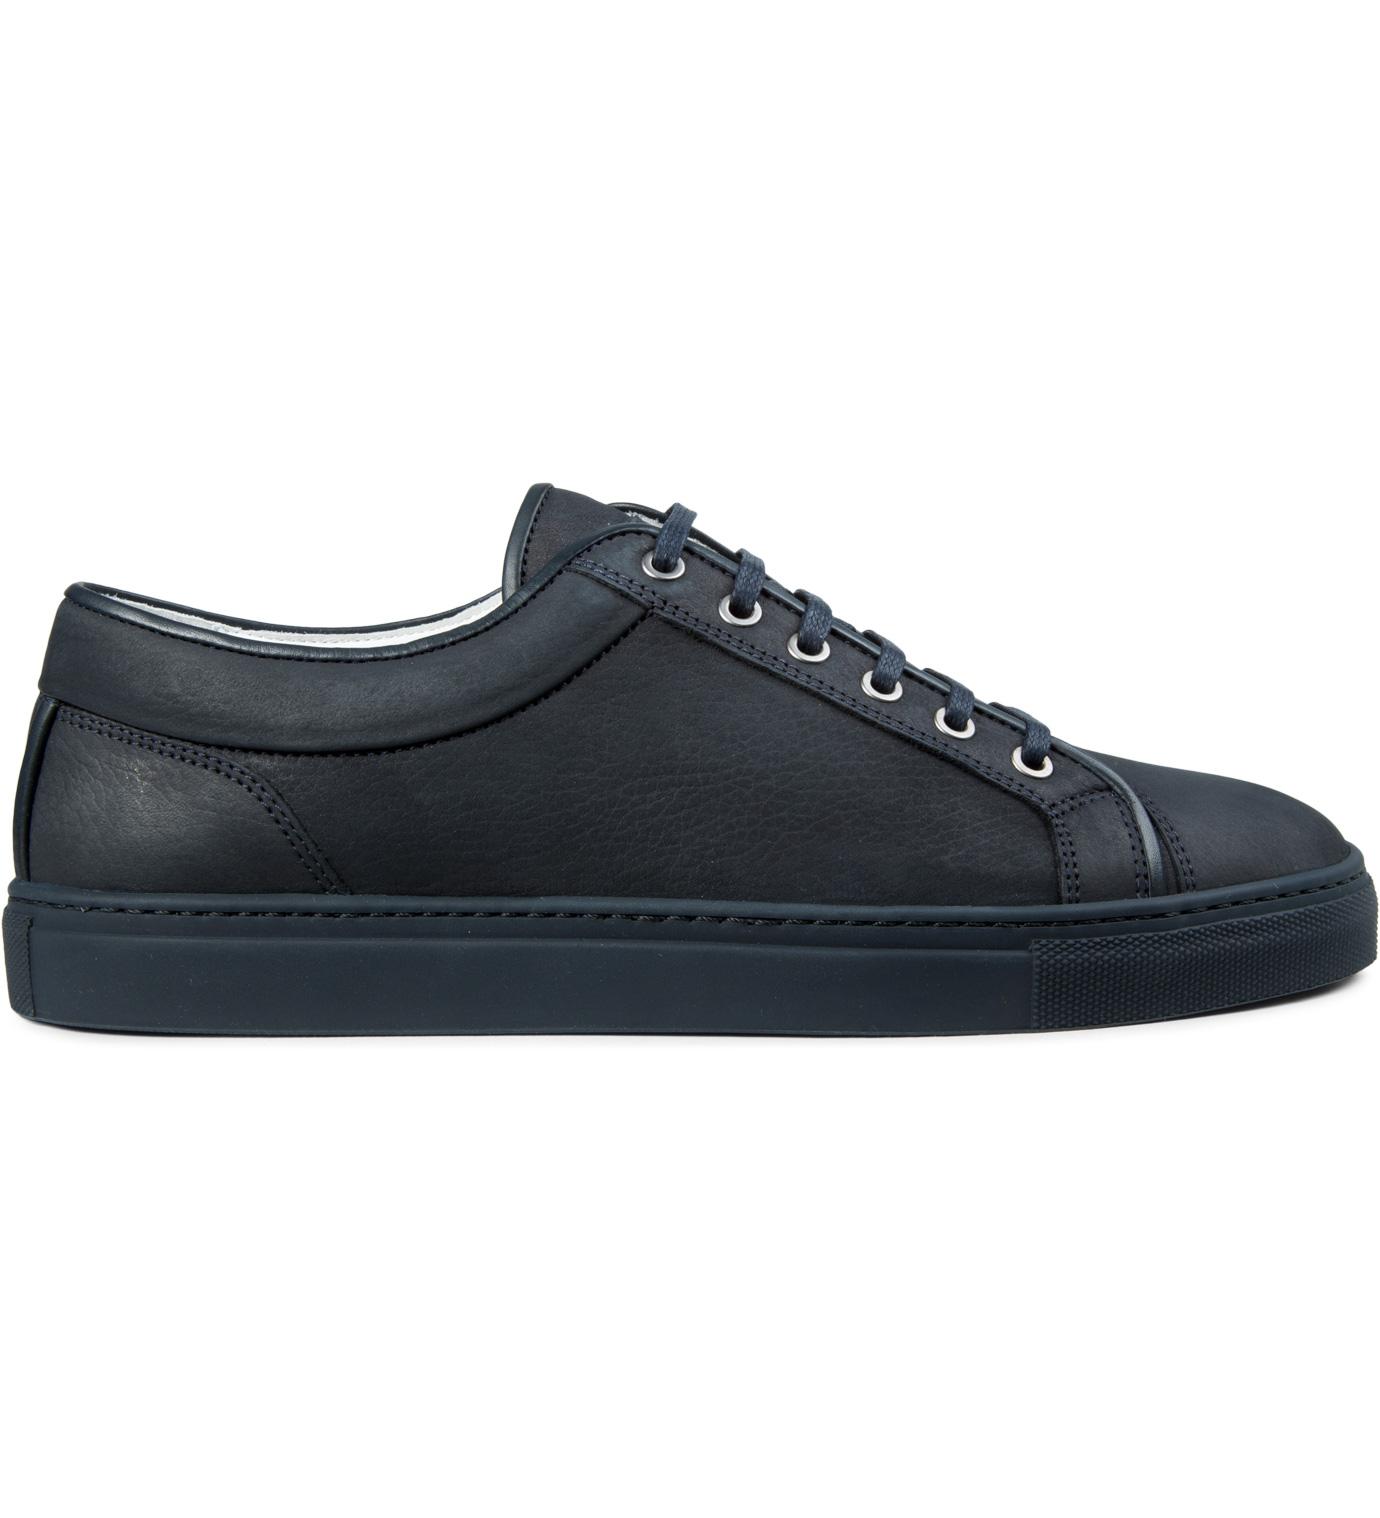 etq blueberry ton sur ton low top 1 shoes hbx. Black Bedroom Furniture Sets. Home Design Ideas